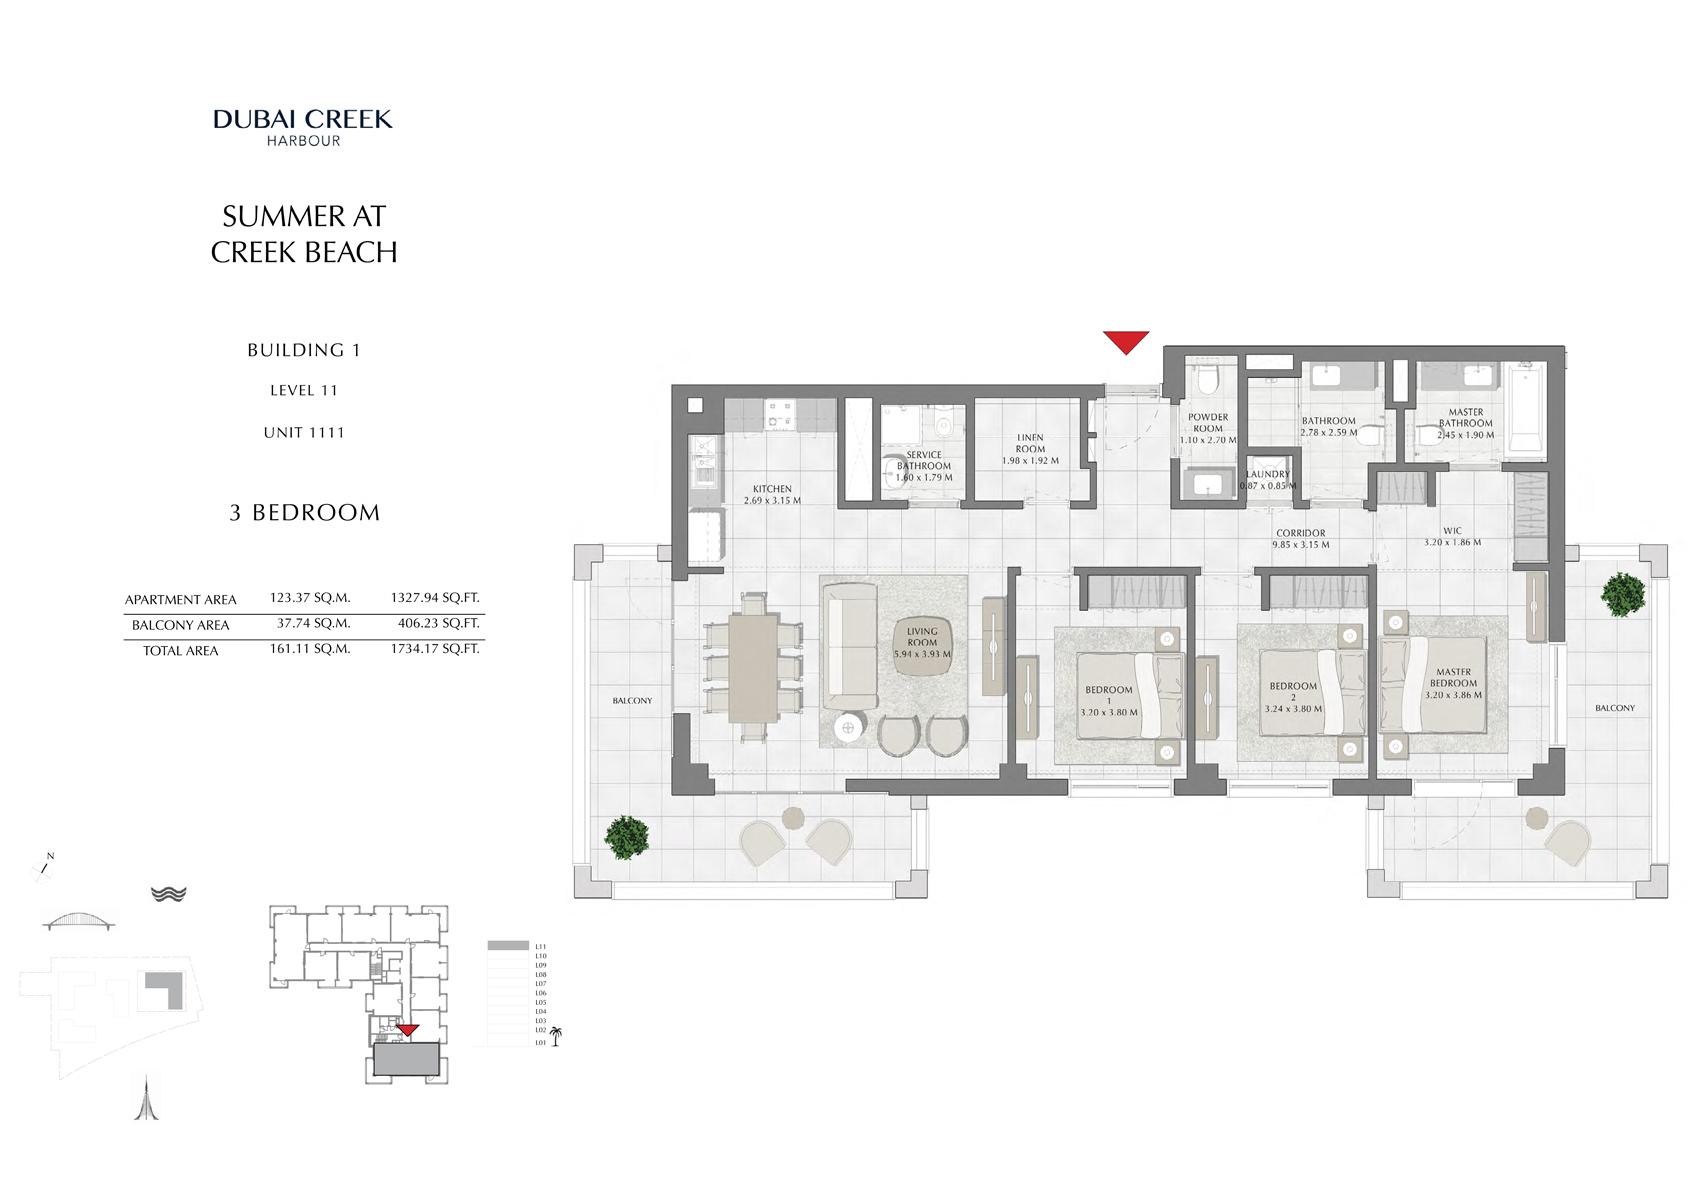 2 Br Building 1 Level 11 Unit 1111, Size 1734 Sq Ft